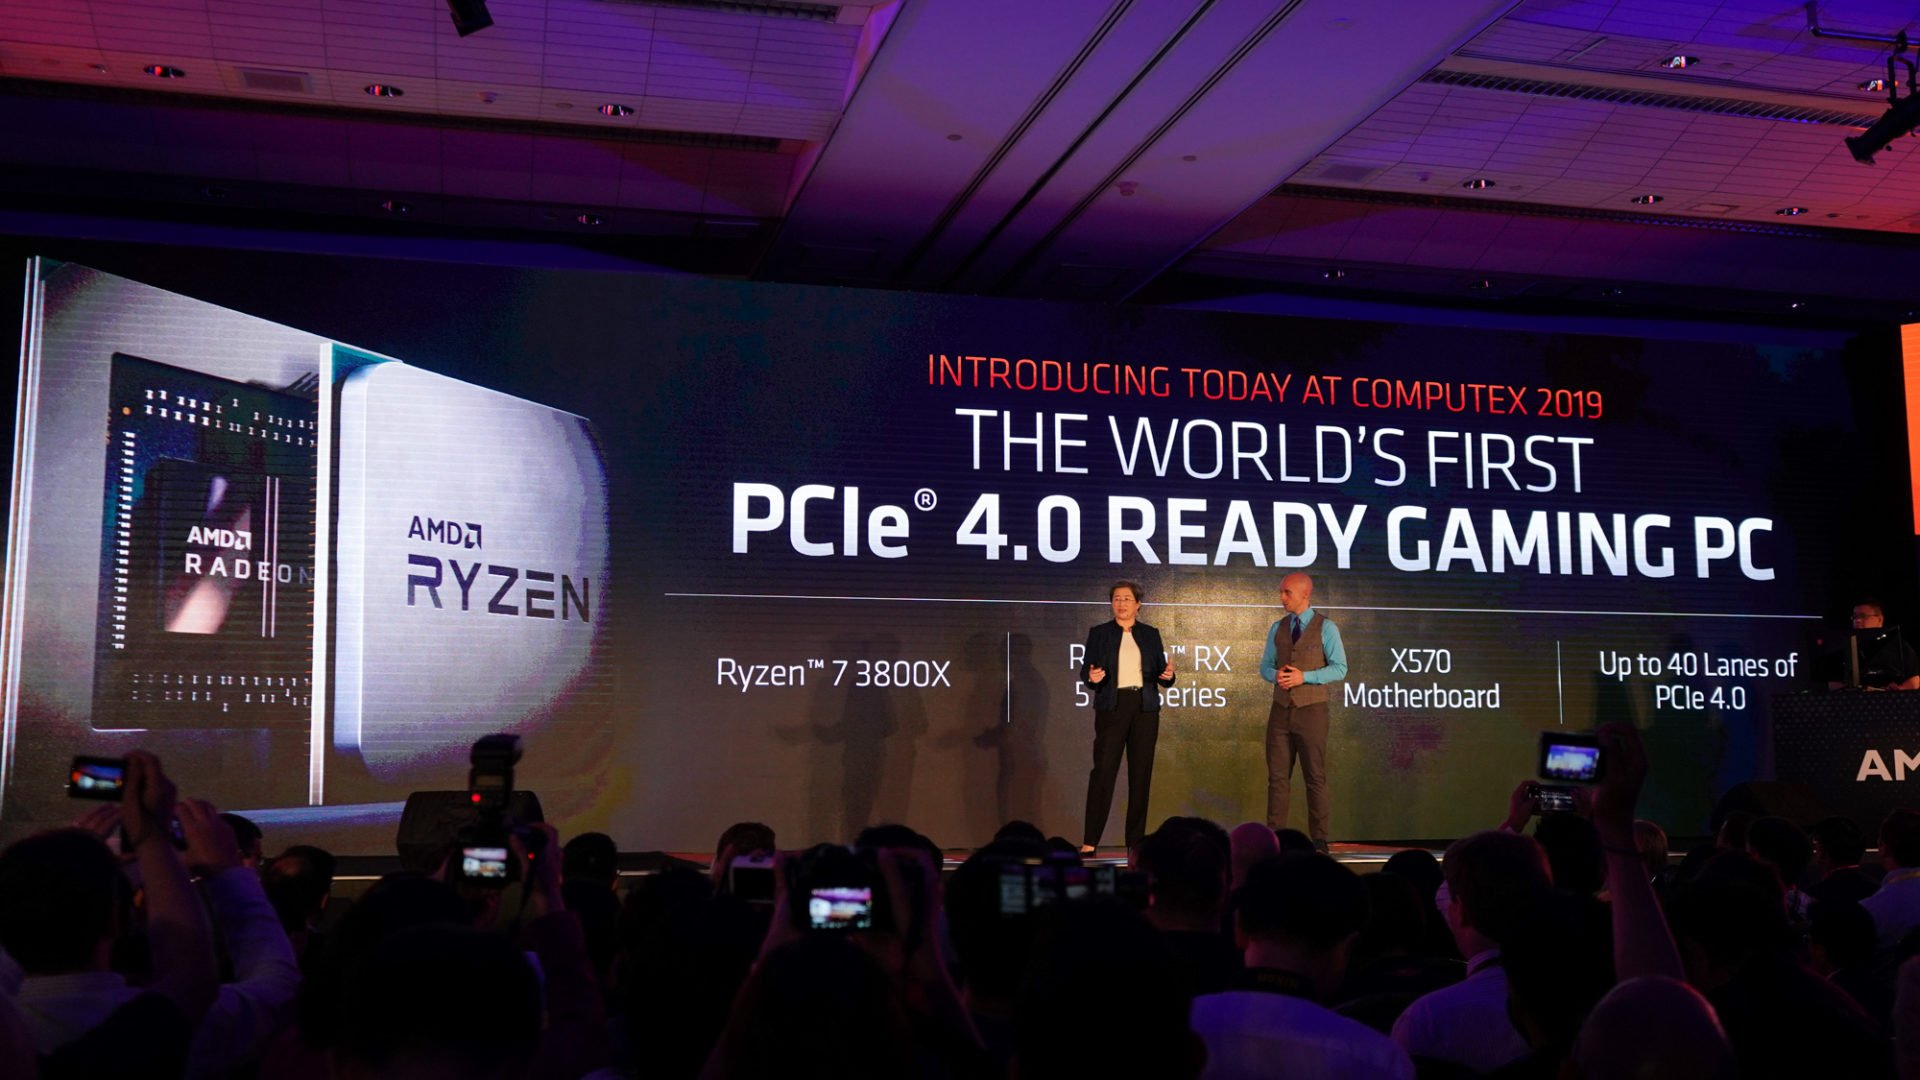 Die neuen AMD Ryzen Prozessoren werden die weltweit erste Plattform mit PCIe 4.0 sein.